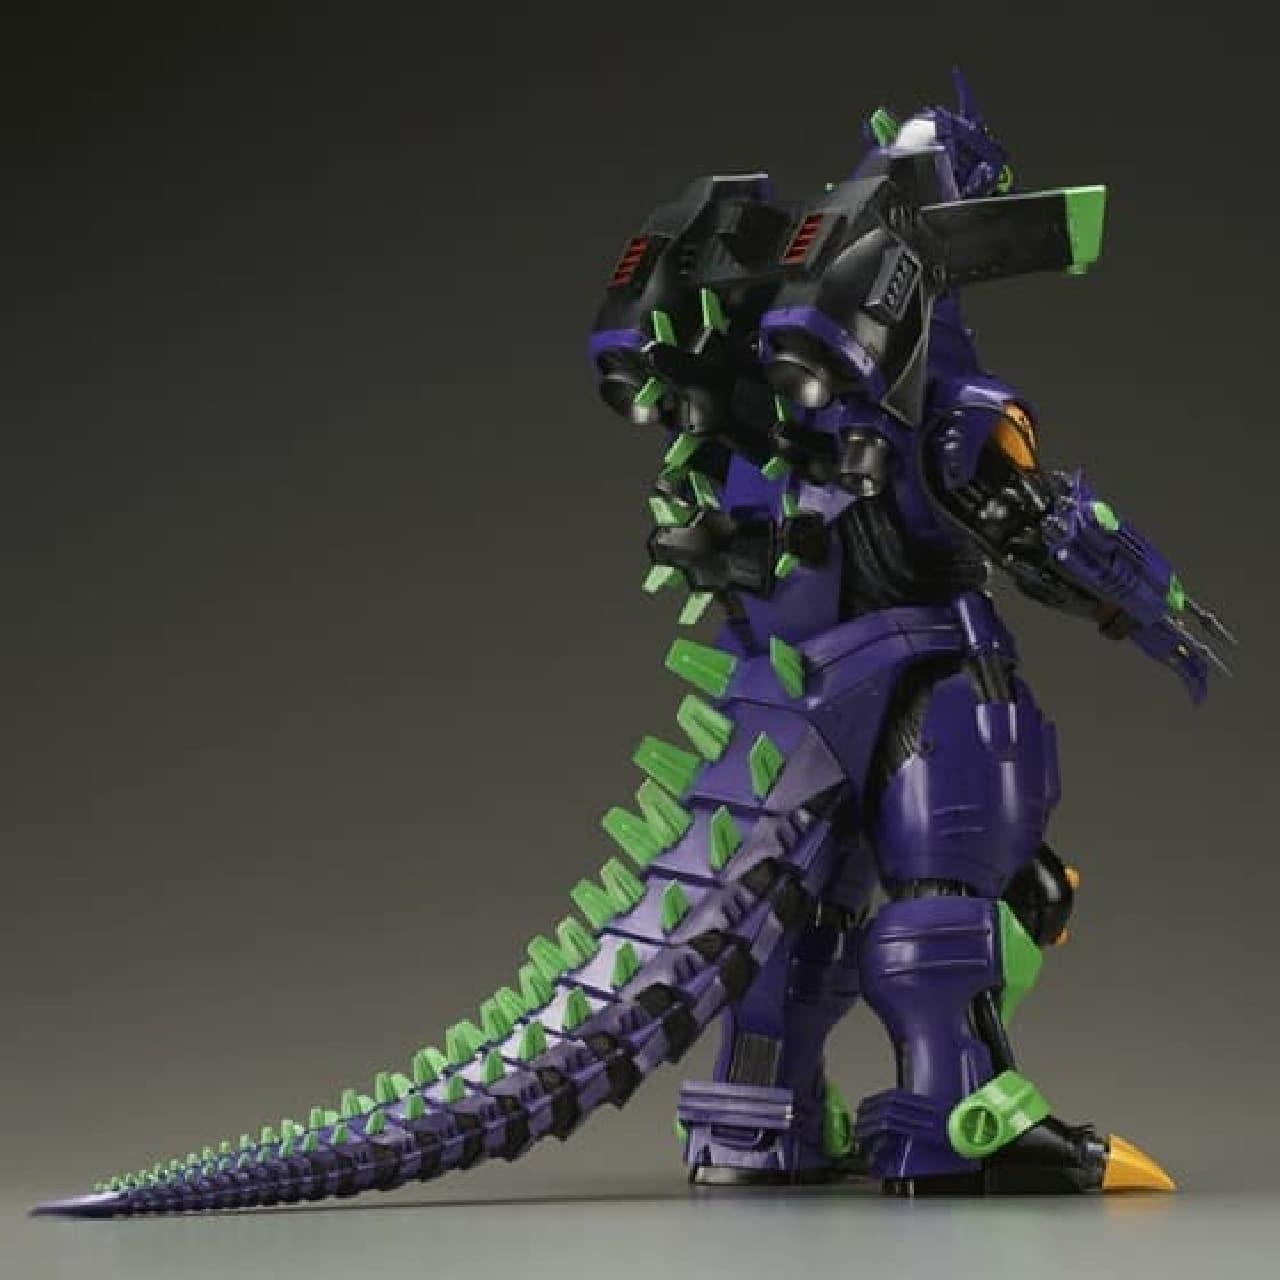 紫を基調としたカラーで彩色された「メカゴジラ エヴァ初号機イメージカラー」